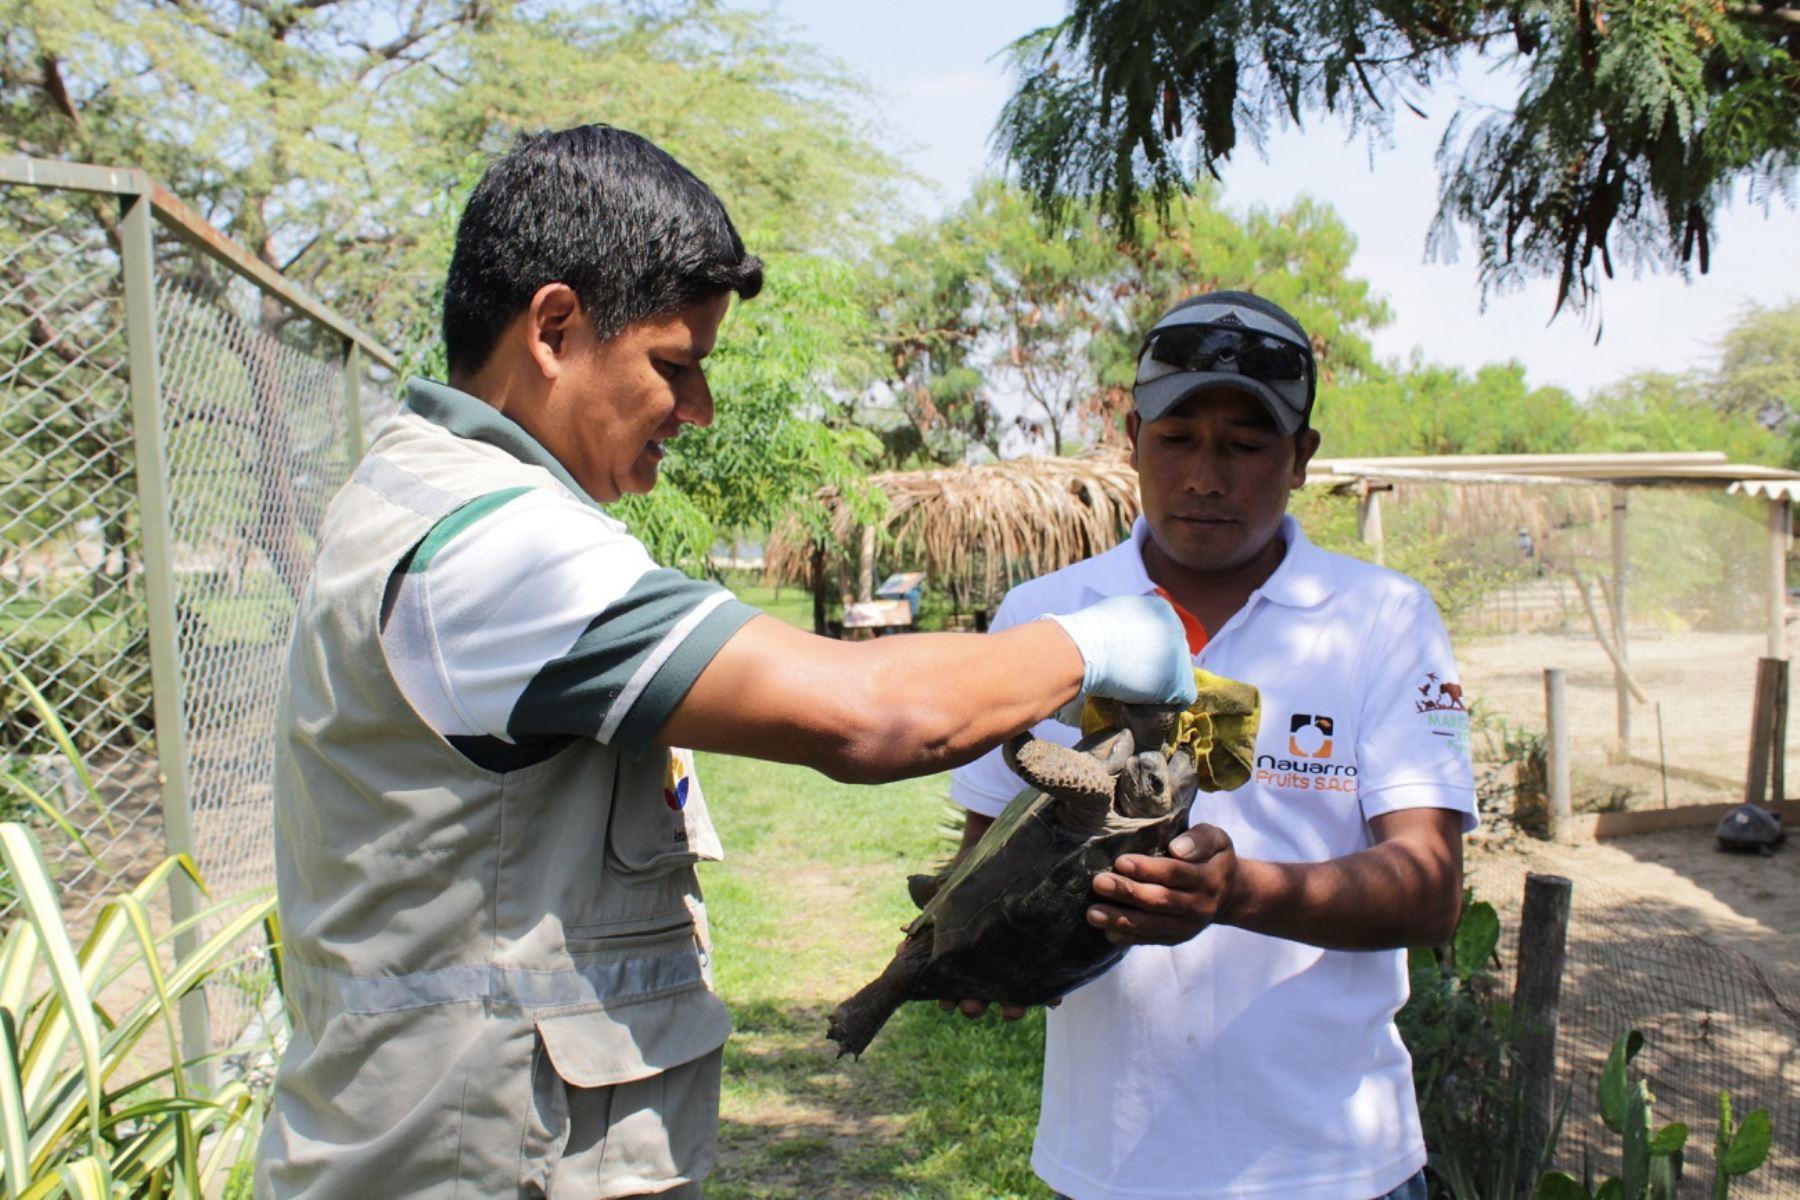 Tortugas galápagos rescatadas en Piura retornan a Ecuador. ANDINA